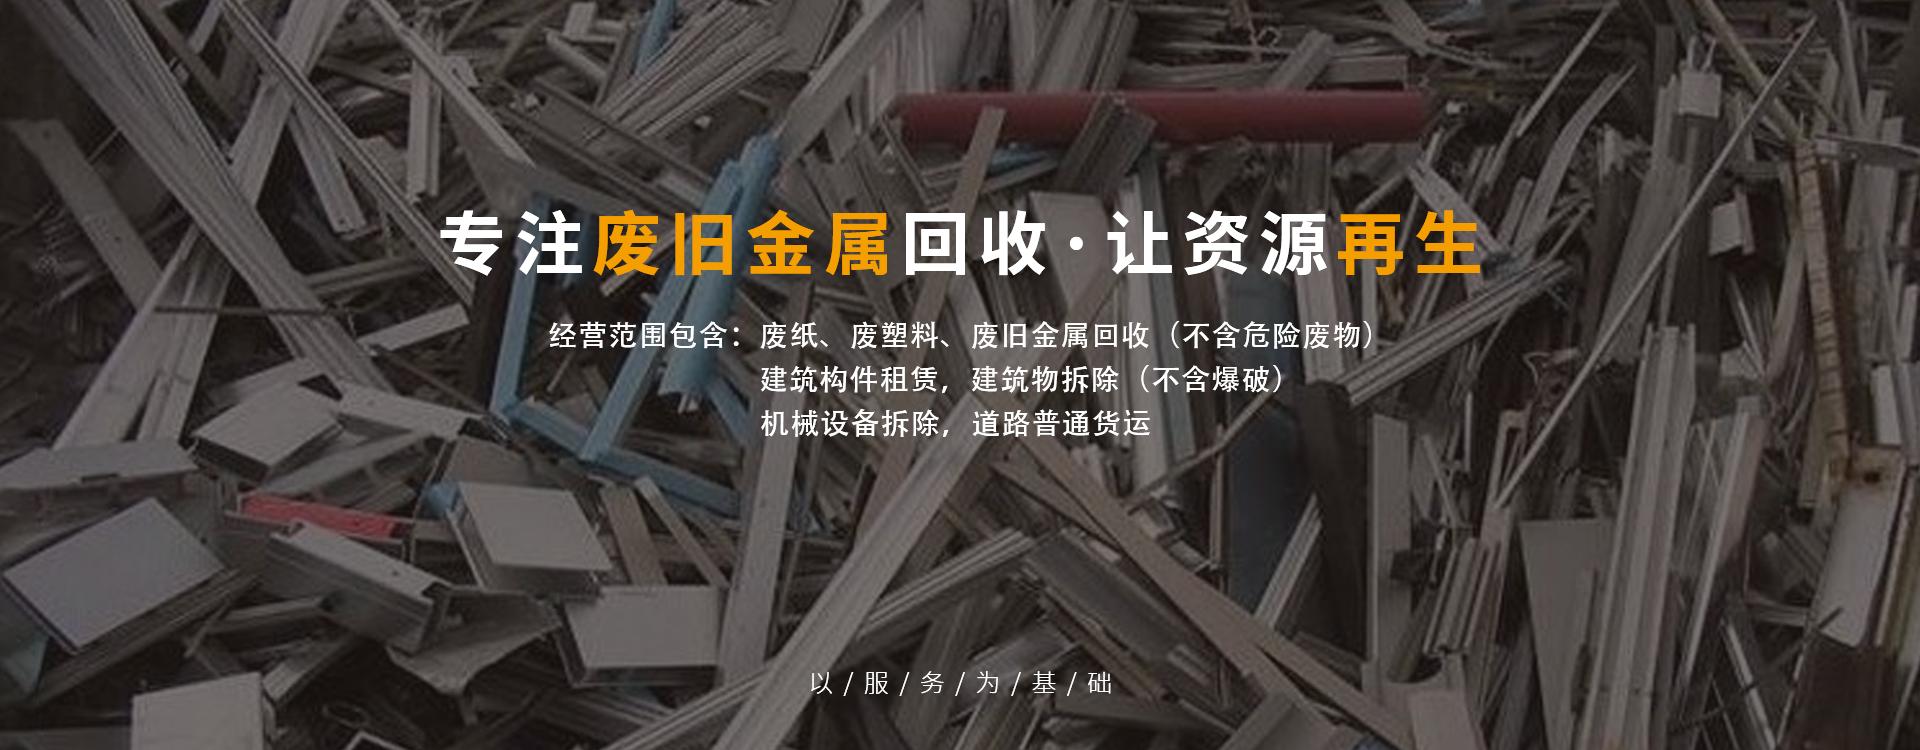 废铜回收公司